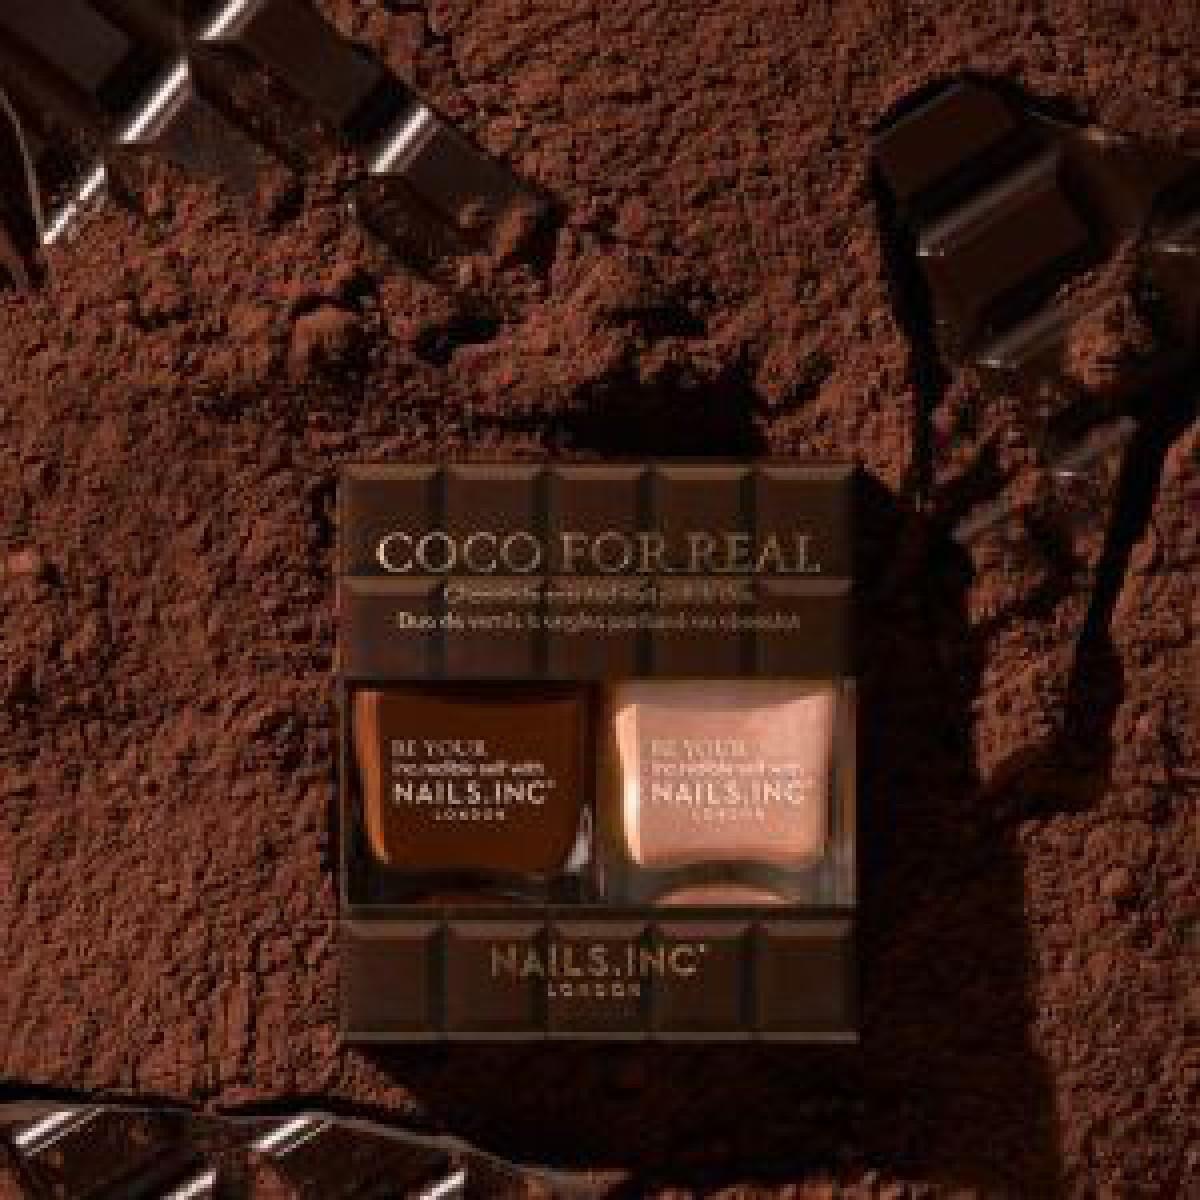 「ネイルズ インク」がブラウンカラーのコレクションを発売、チョコレートの香りつき